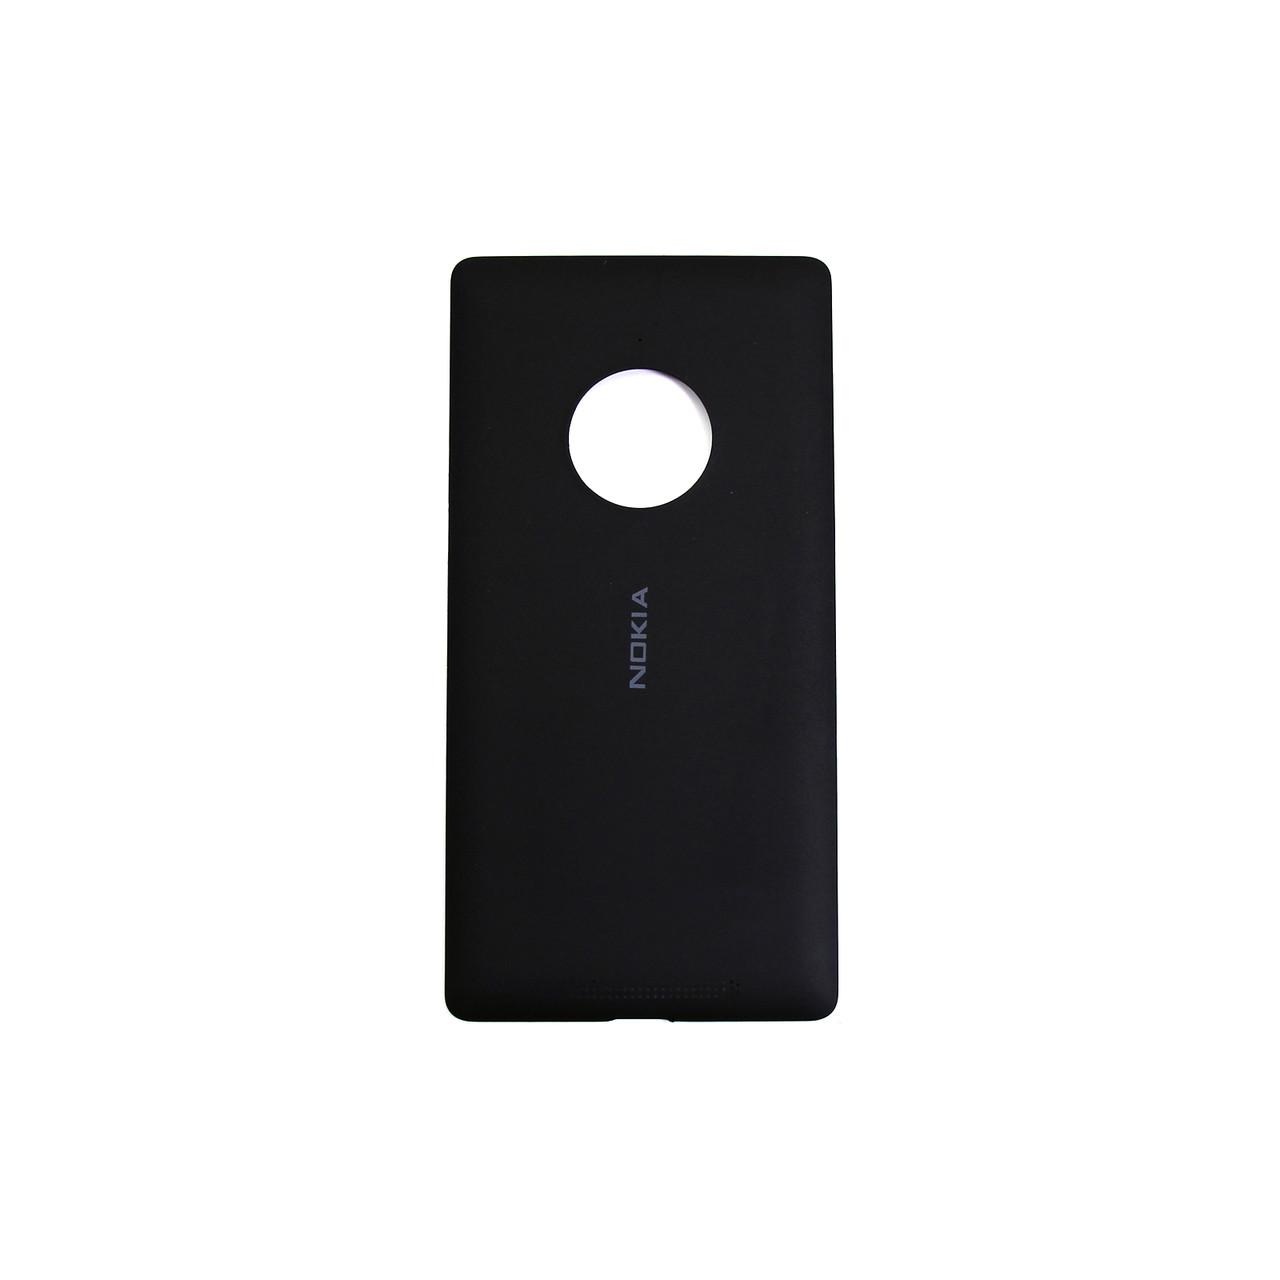 Задня кришка MICROSOFT 830 Lumia чорна